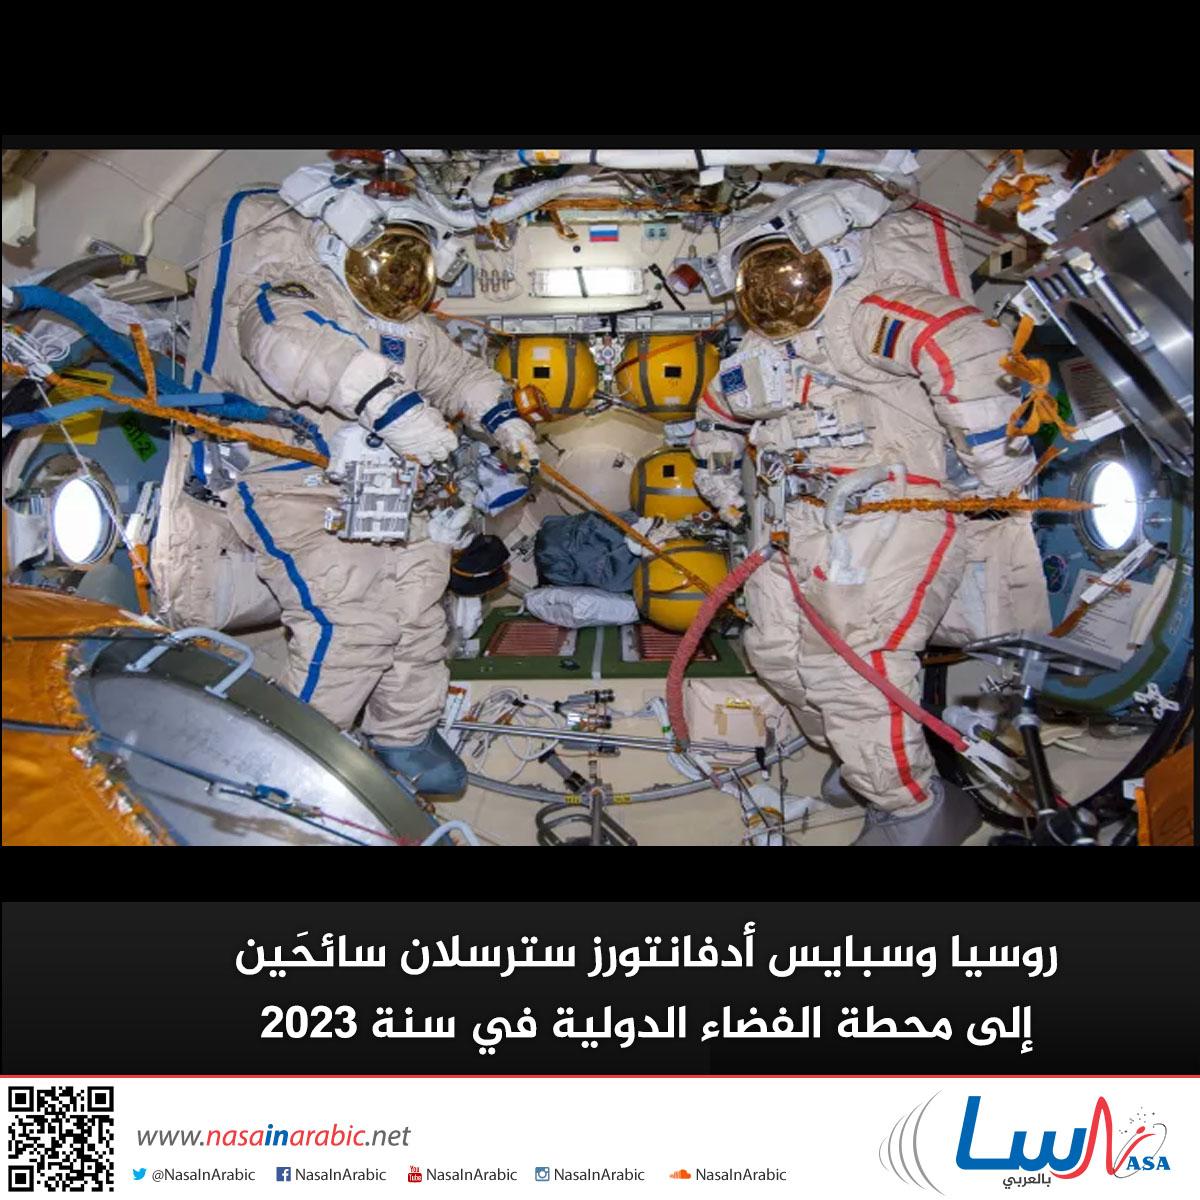 روسيا وسبايس أدفانتورز سترسلان سائحَين إلى محطة الفضاء الدولية في سنة 2023